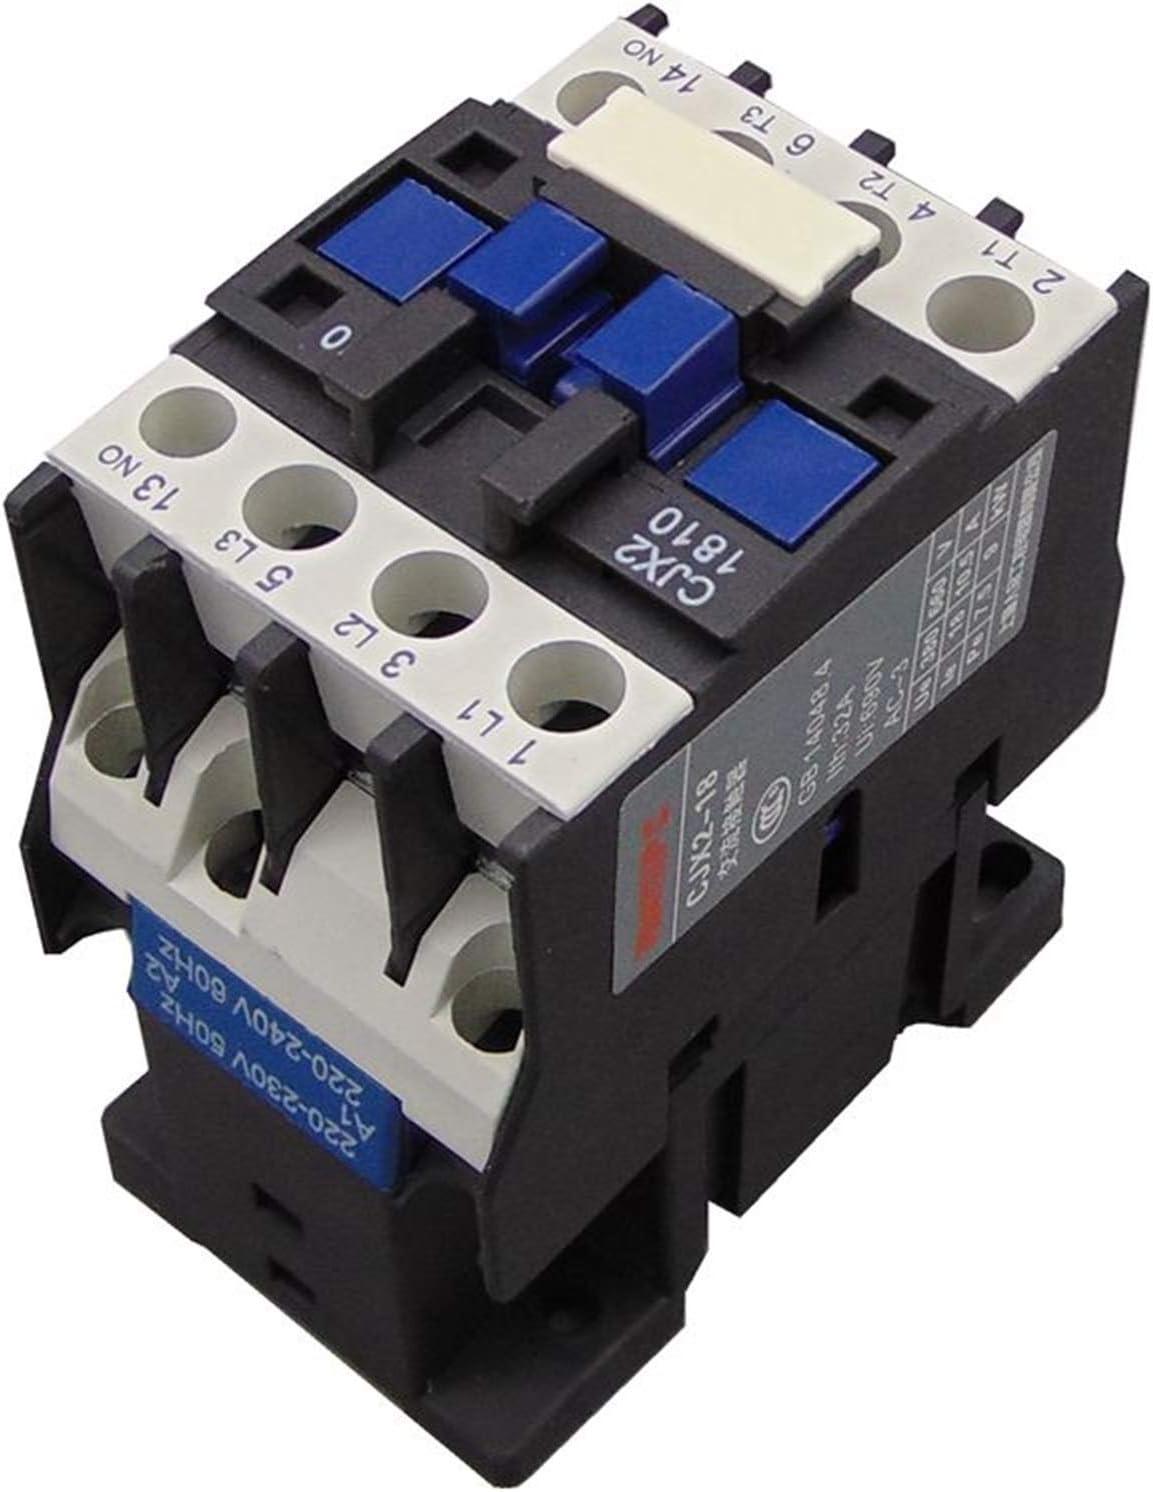 Contactor,Contactor De Ca del Hogar Contactor 18A Interruptores LC1 CA Contactor Voltaje 380V 220V 110V 36V 24V Contactor De Ca (Color : AC110V)